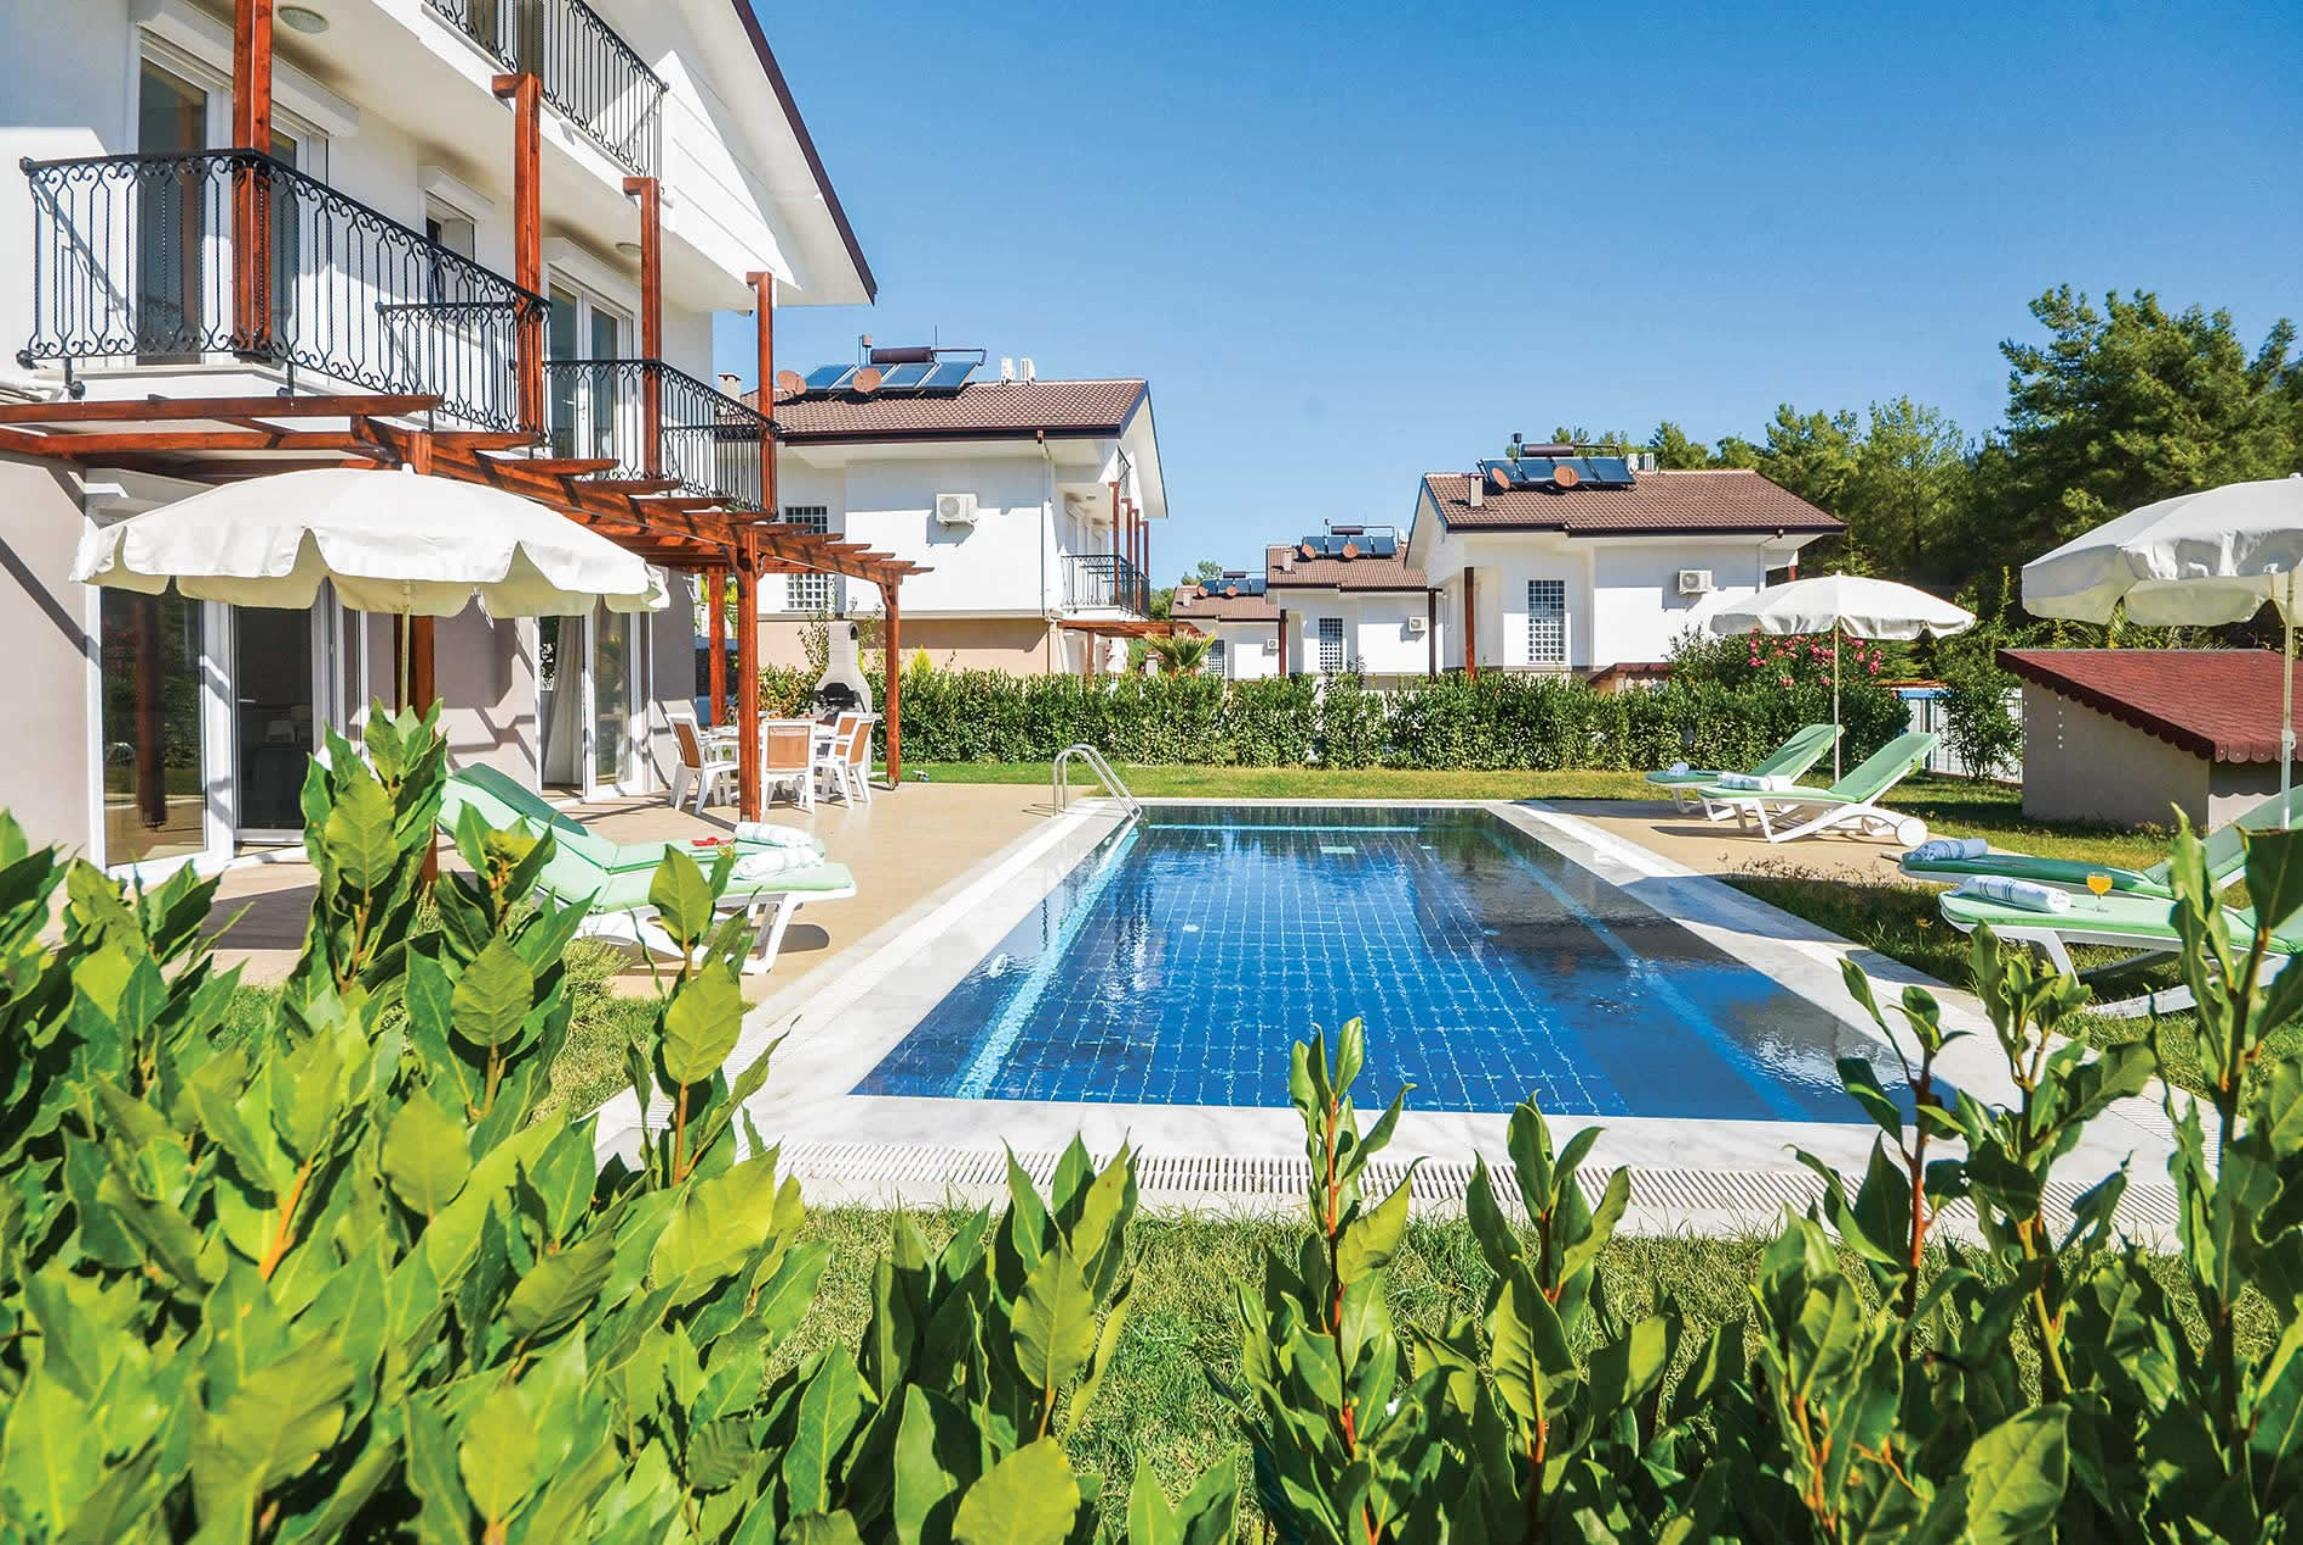 Maison de vacances Fidan (2649920), Ölüdeniz, , Région Egéenne, Turquie, image 1